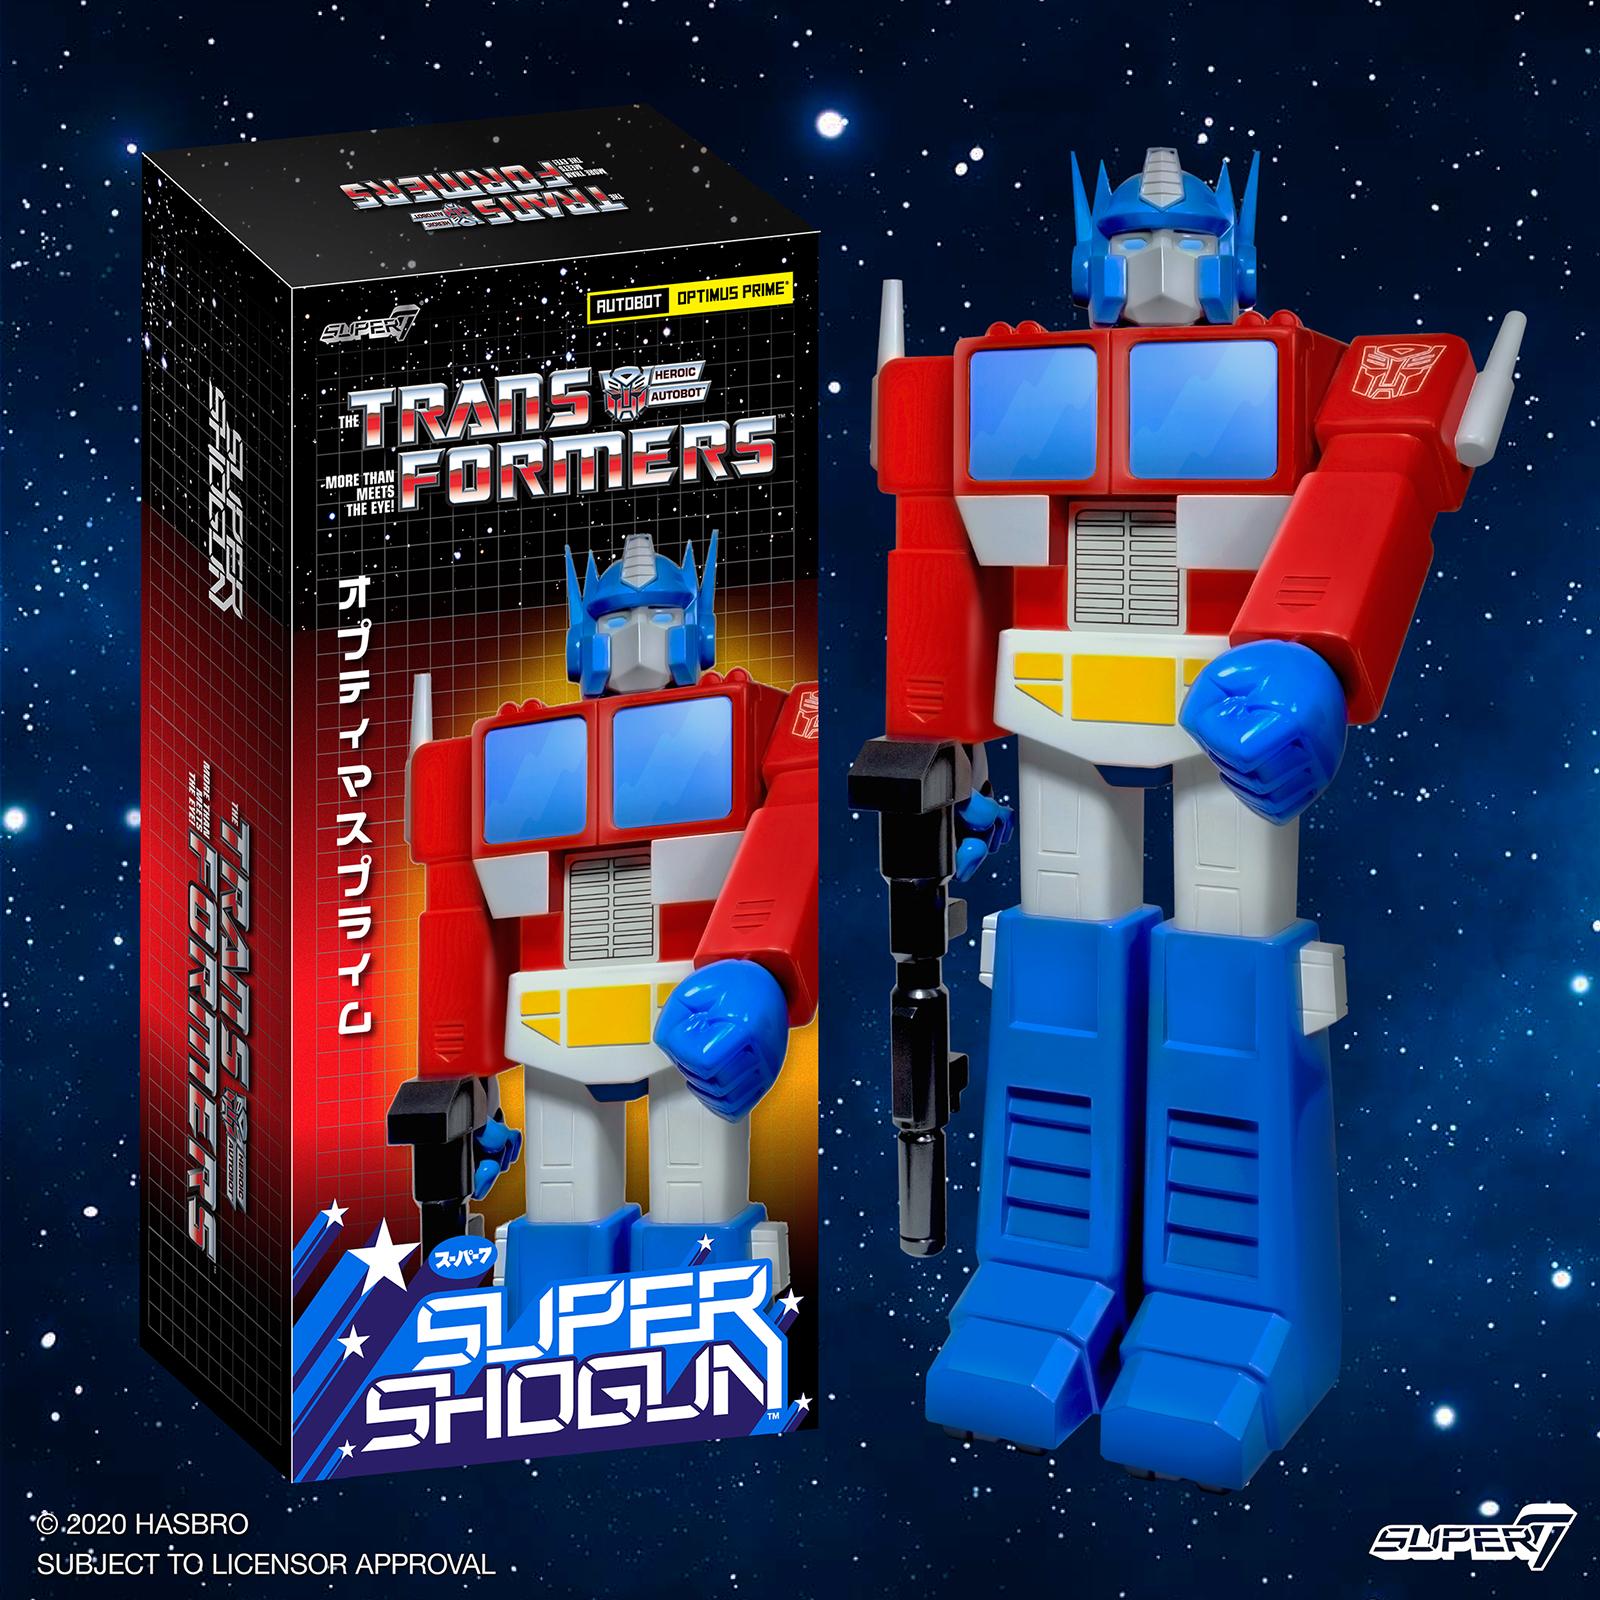 Optimus Prime Super Shogun